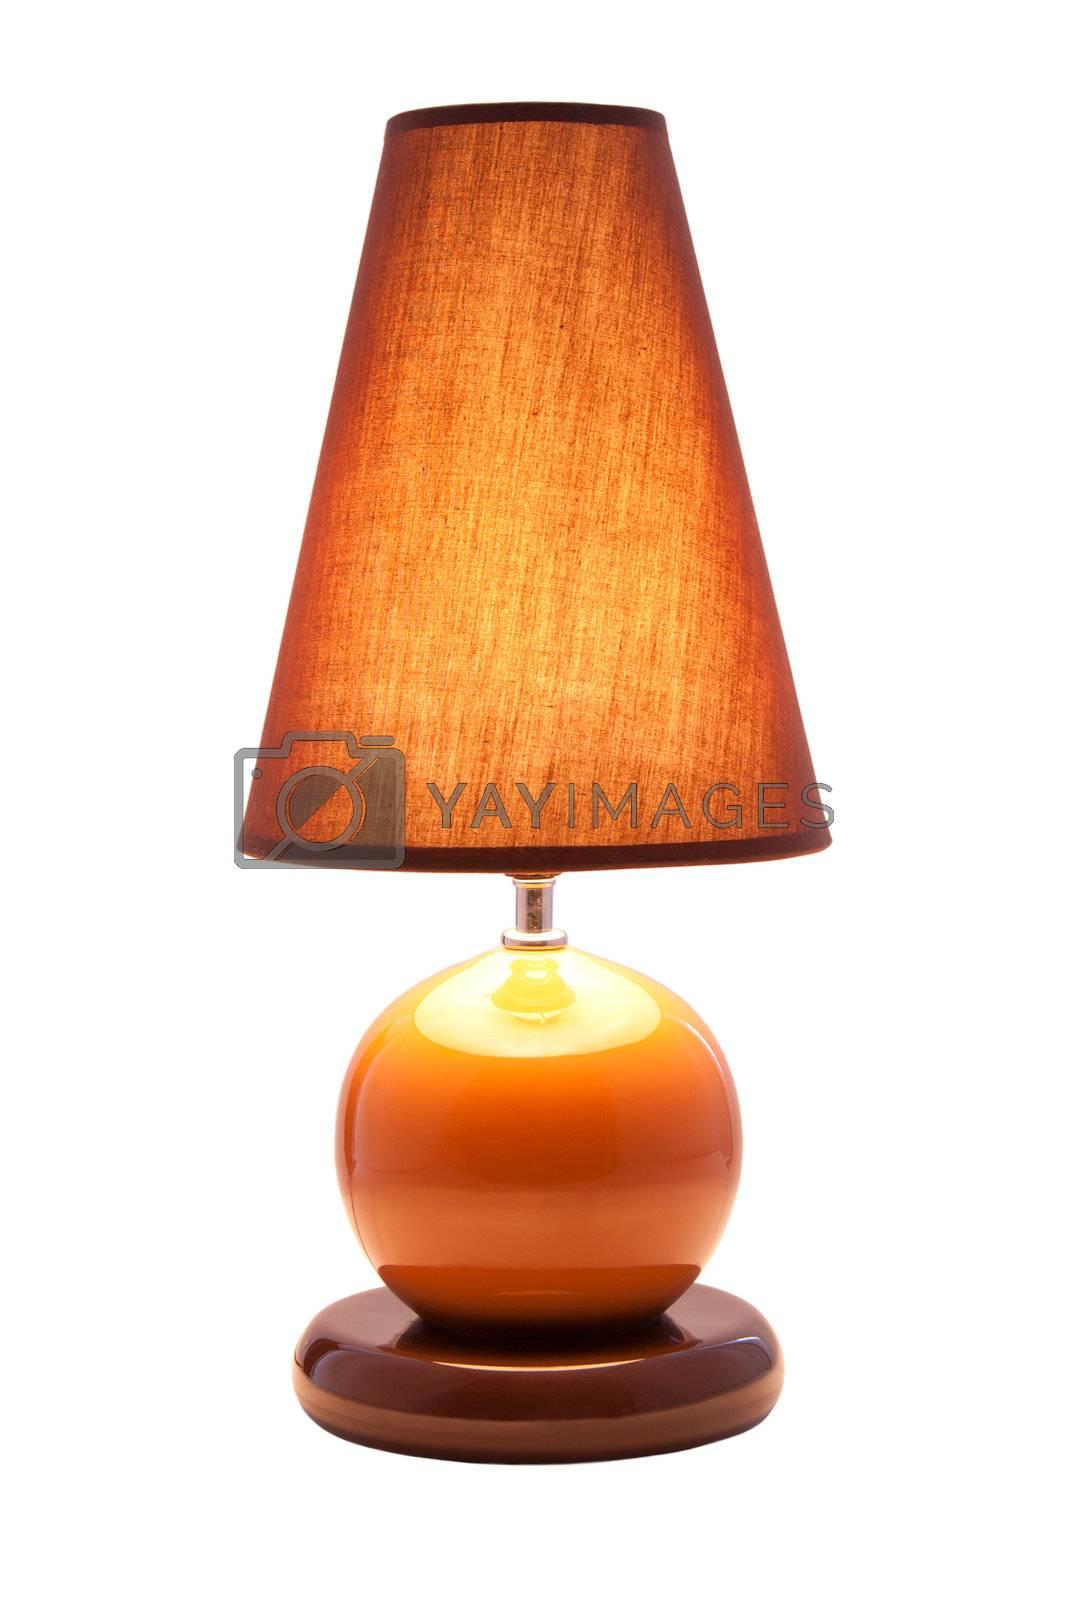 Luminous desk lamp, isolated on white background